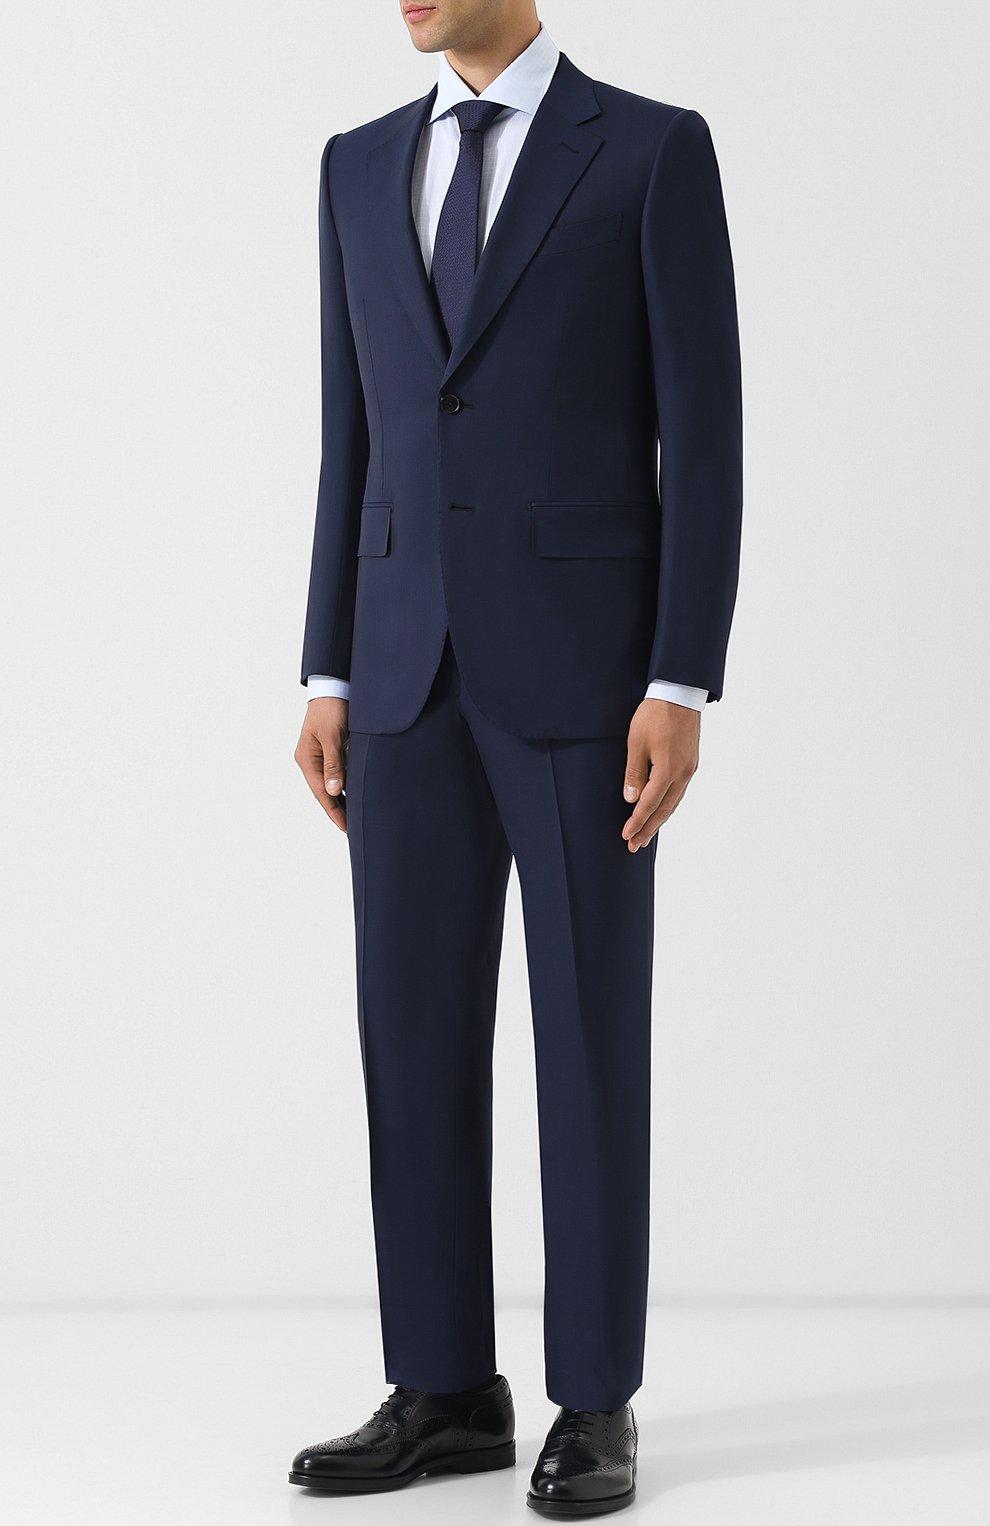 faf04e3187c09 Мужские костюмы Zegna Couture по цене от 299 500 руб. купить в  интернет-магазине ЦУМ